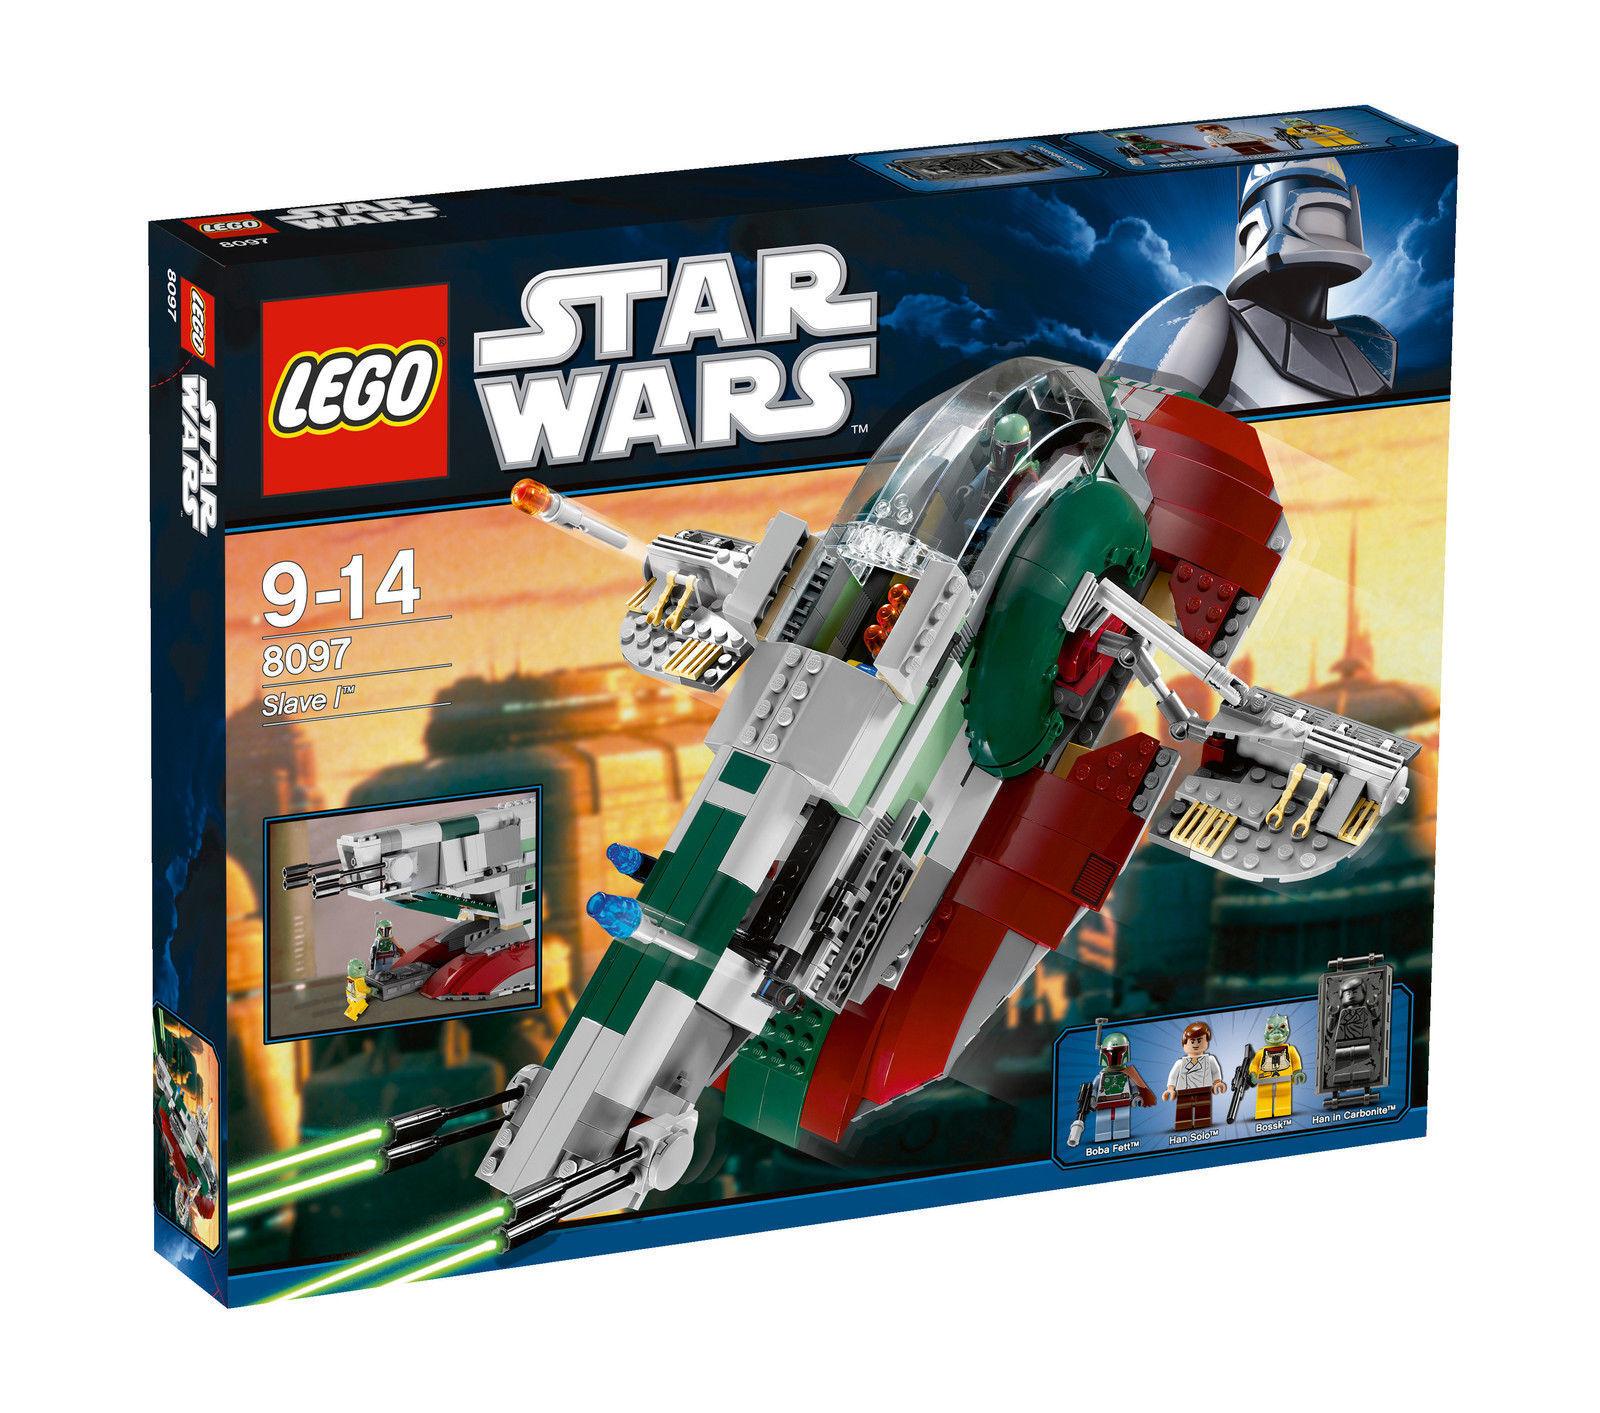 LEGO® STAR WARS™ 8097 Boba Fett Slave I - NEU & OVP -